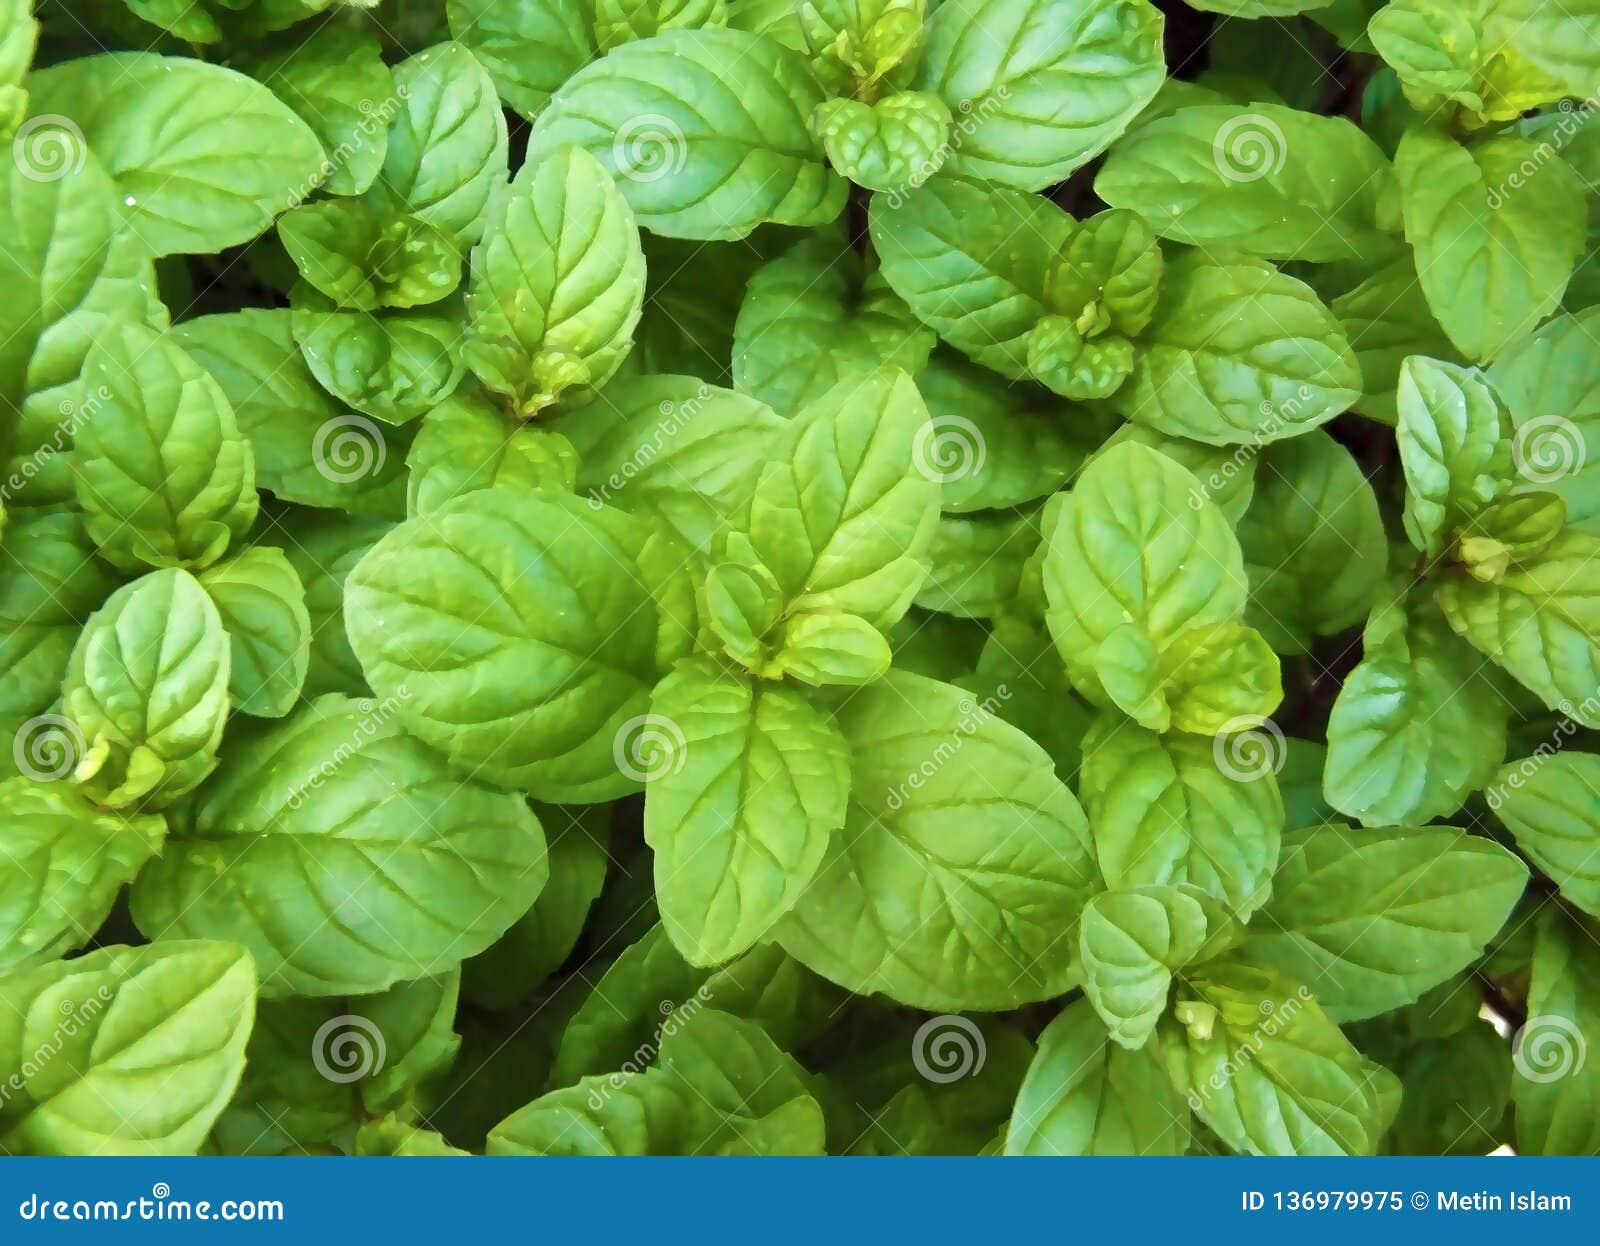 De groene Verse Gezonde Munt verlaat Natuurlijke Achtergrondpatroon